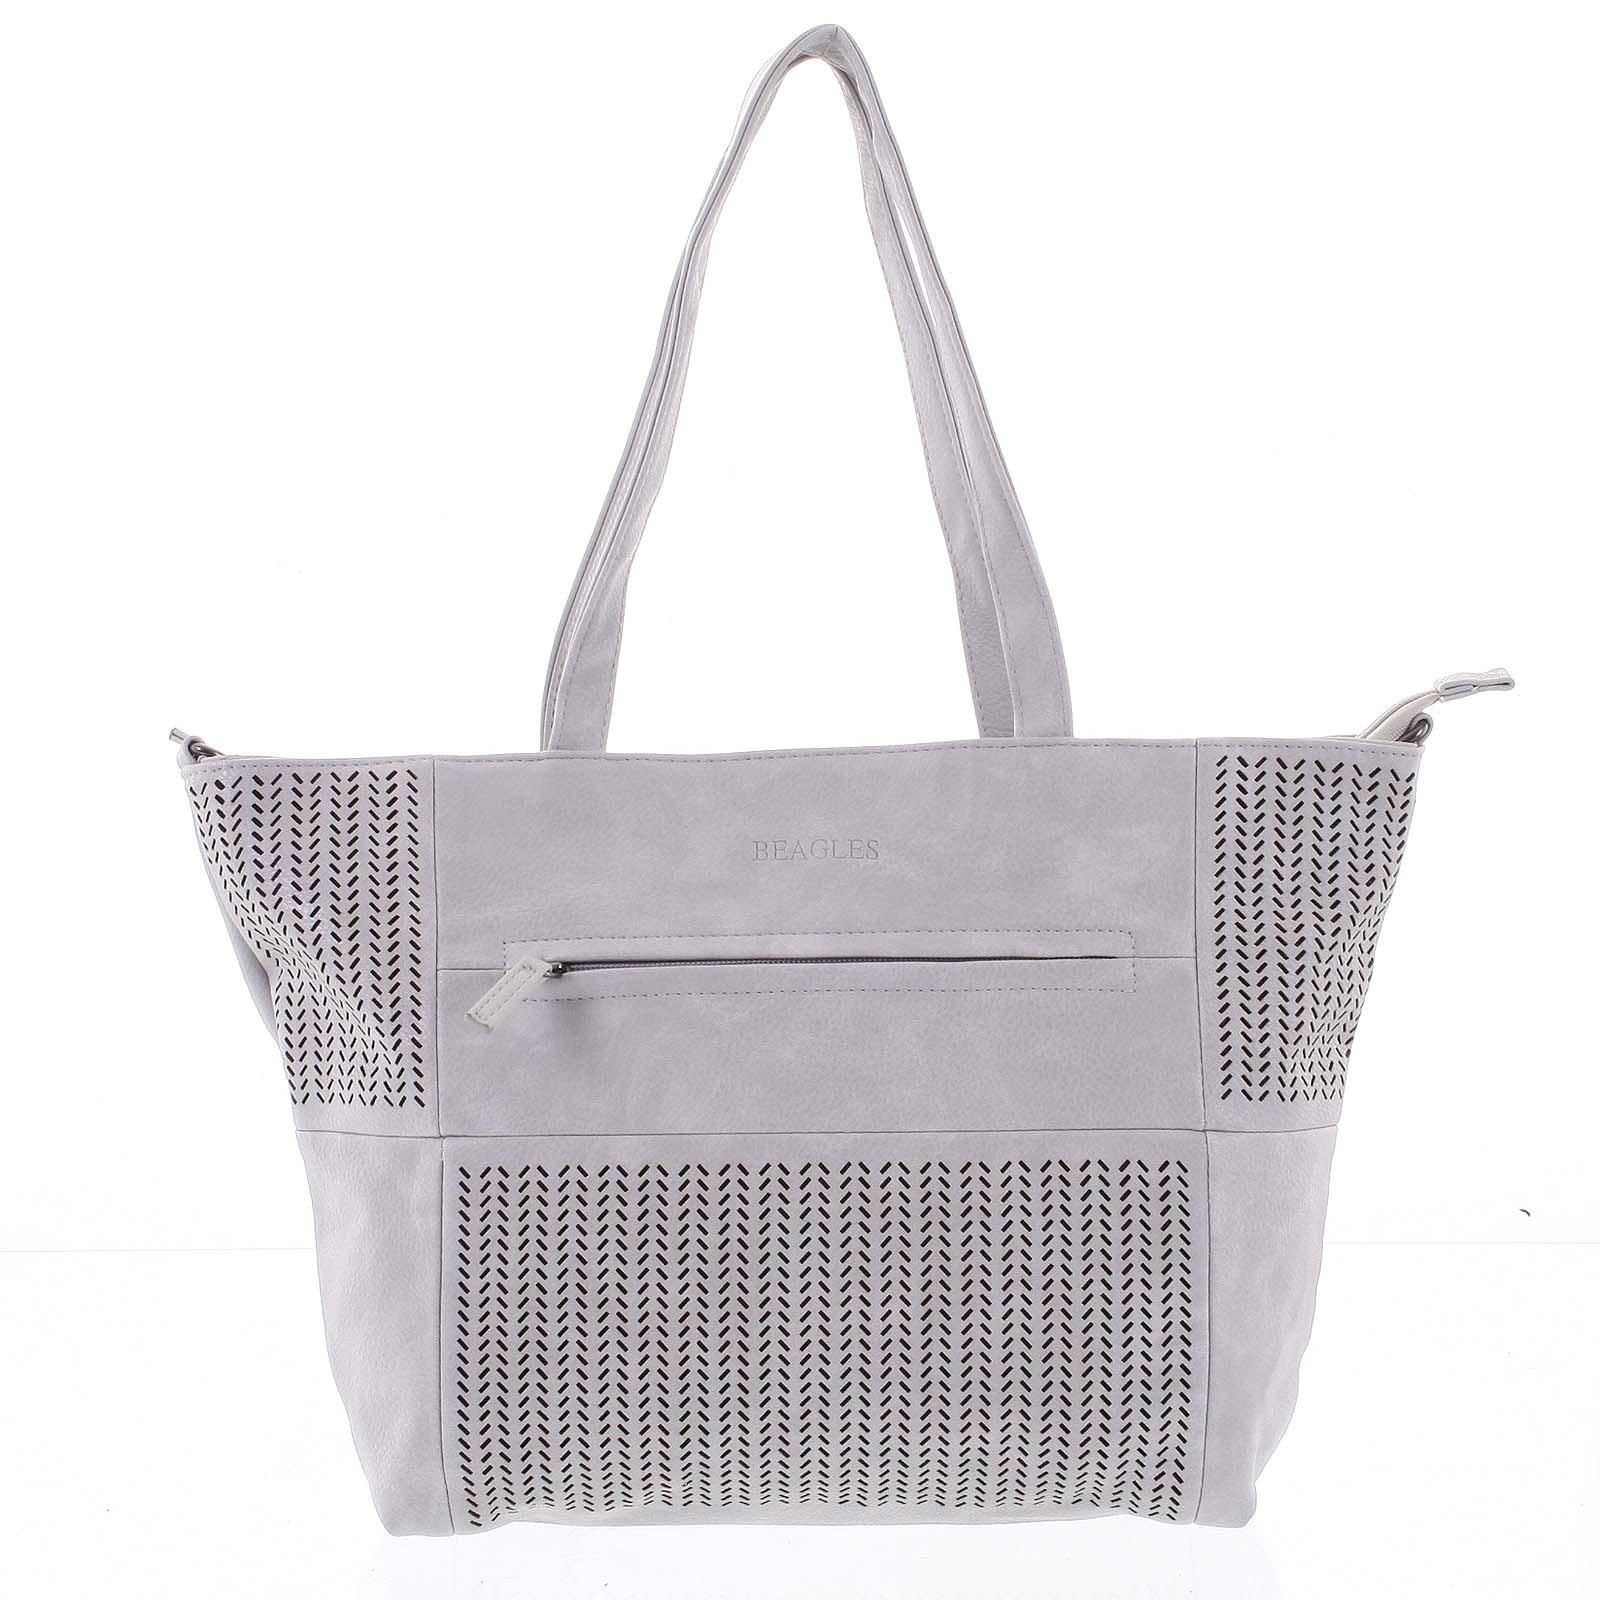 Elegantní perforovaná dámská kabelka přes rameno světle šedá - Beagles Lema